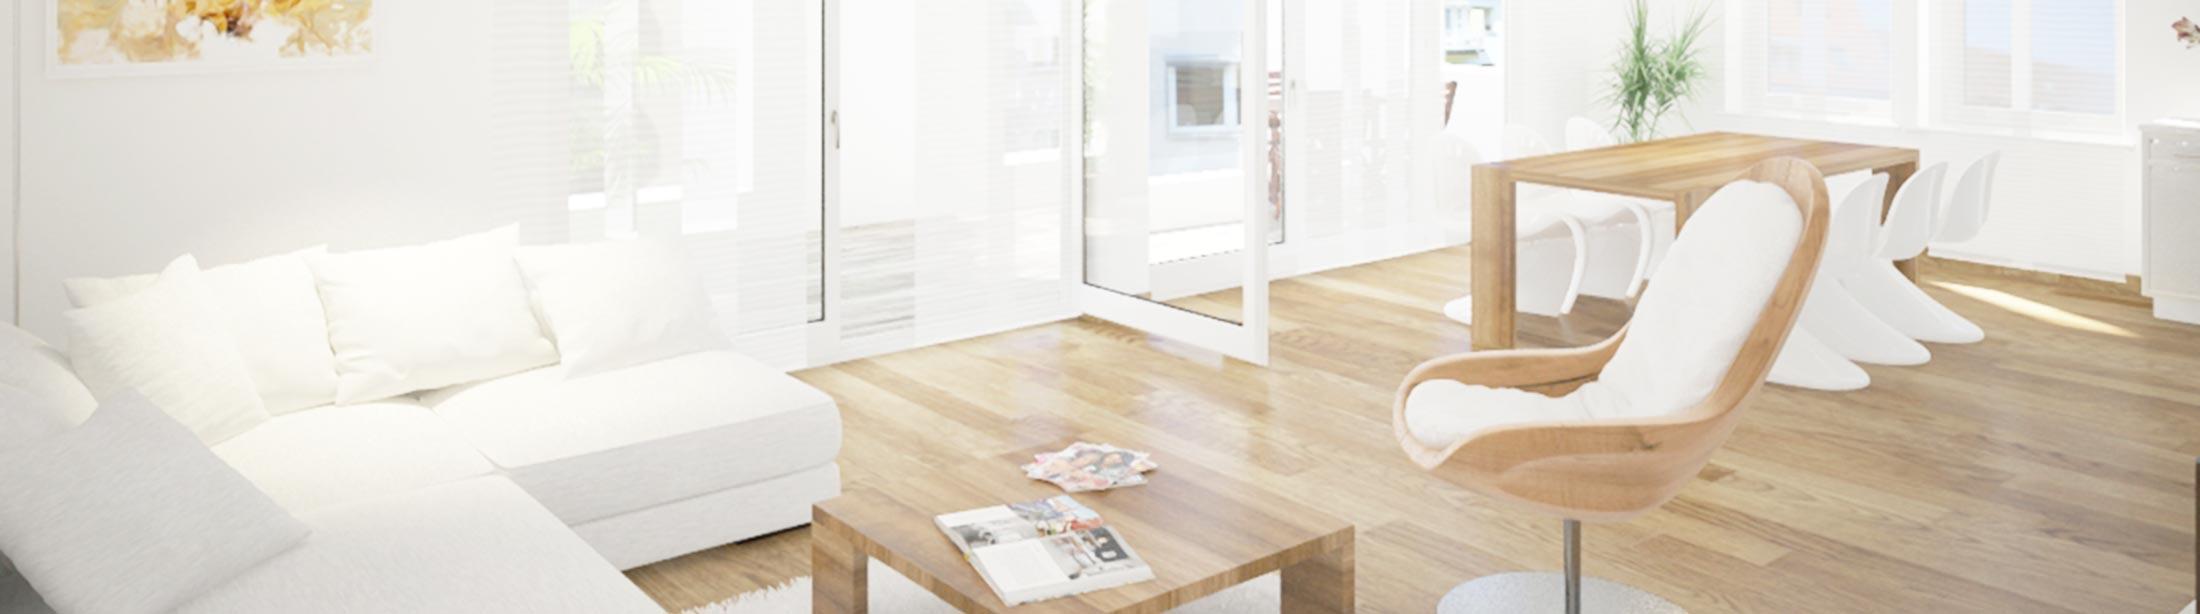 Immobilien vermarktung ludwigsburg immobilienwert for Wohnung mieten von privat ohne provision